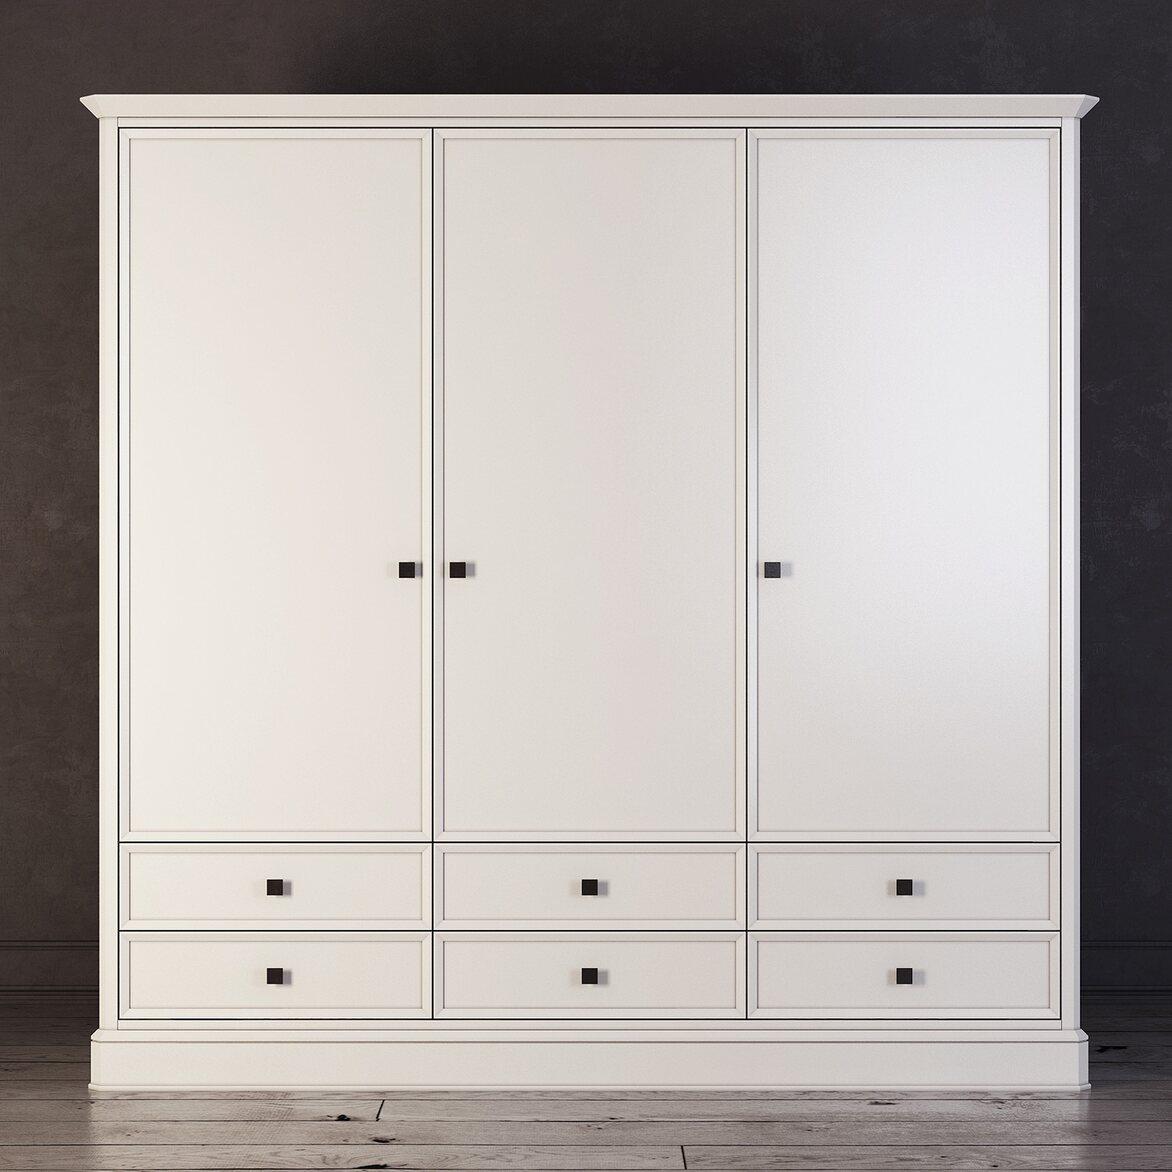 Шкаф трехстворчатый с ящиками Ellington, белый | Платяные шкафы Kingsby